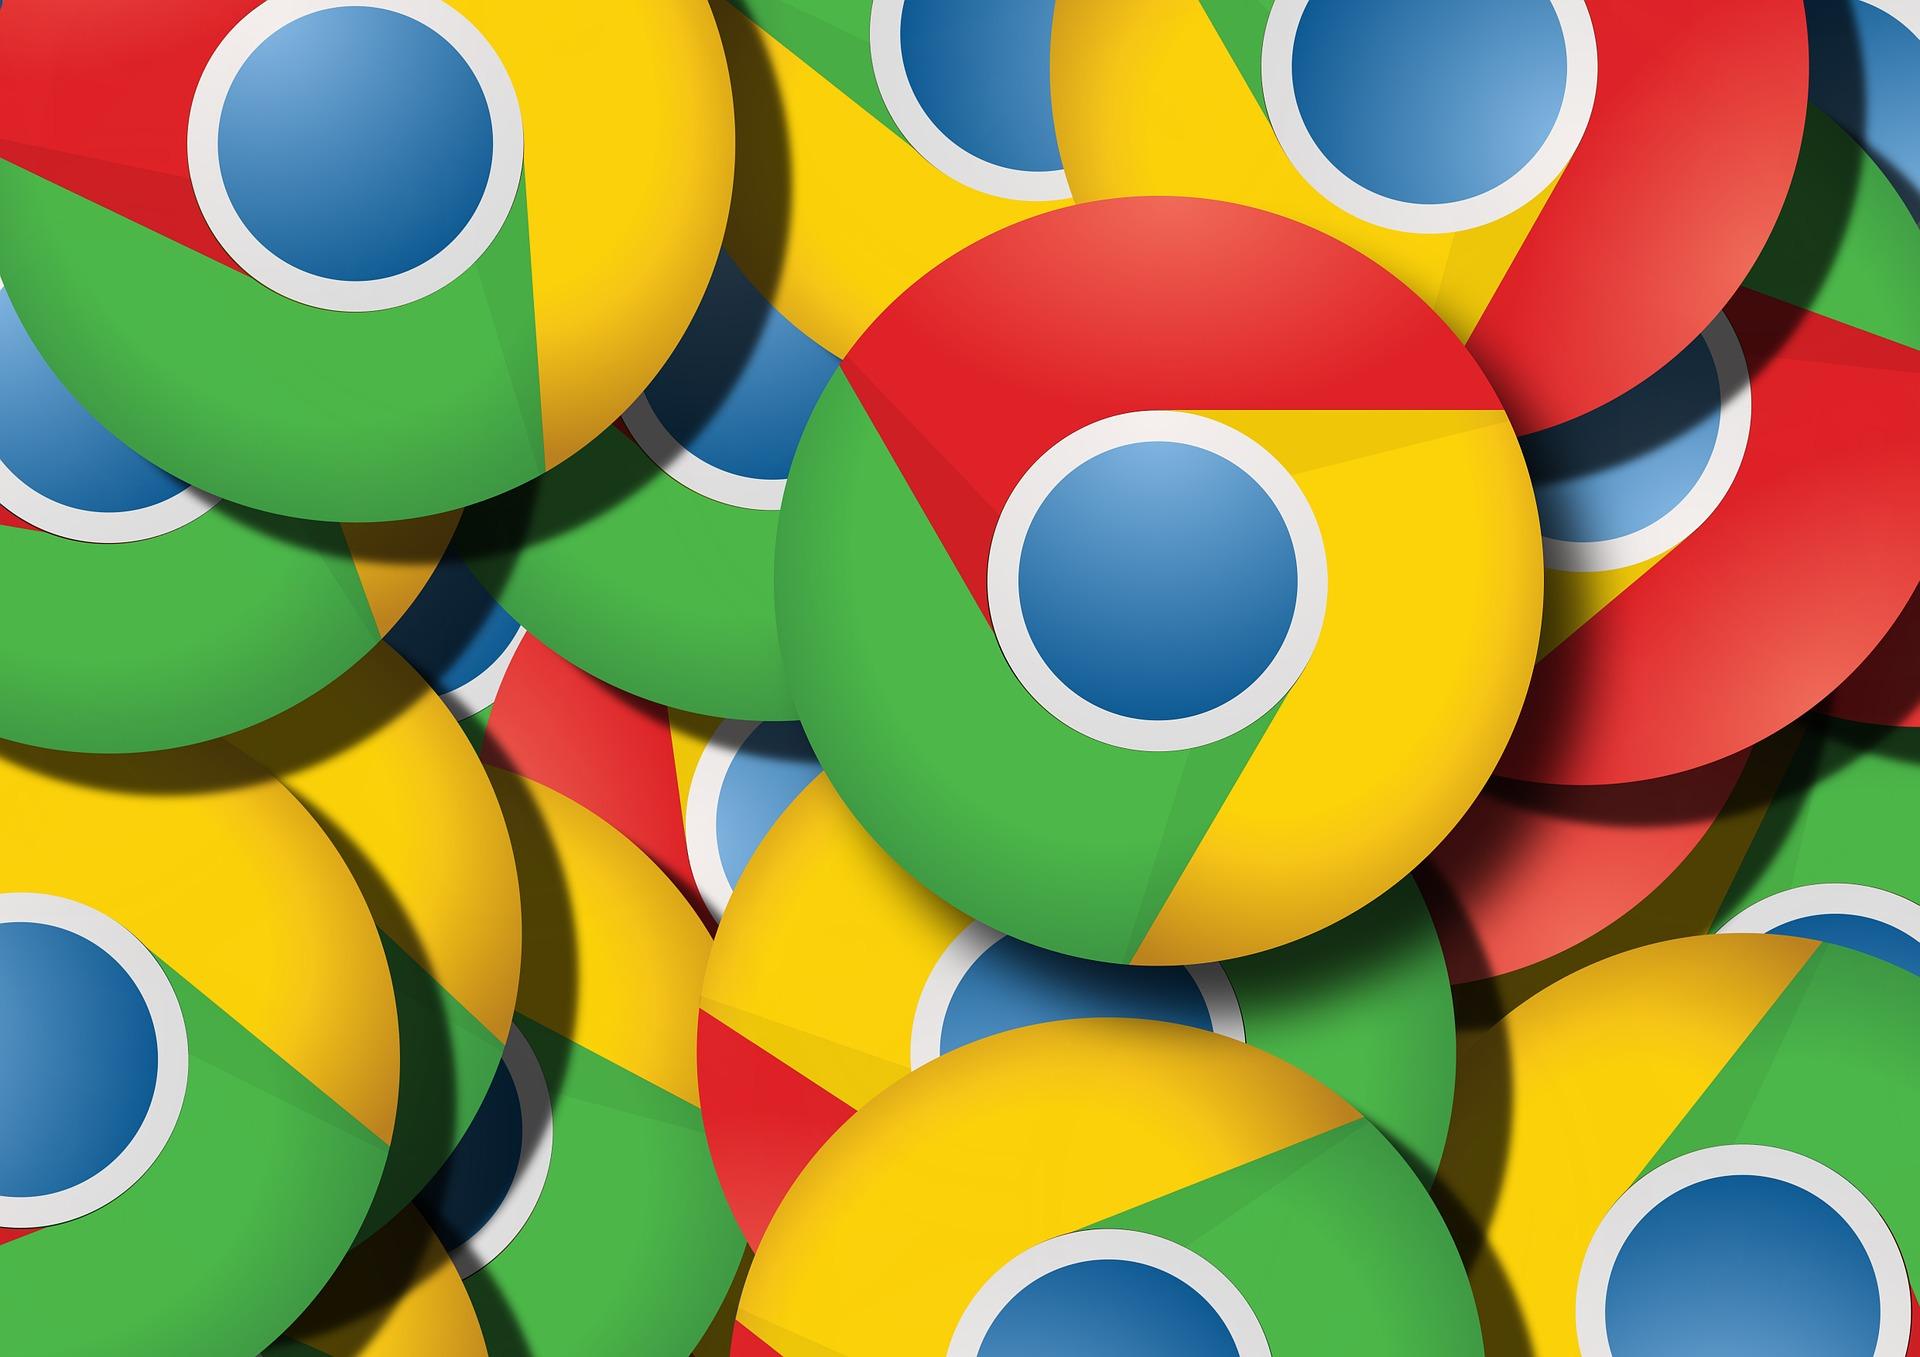 Comment Chrome renforce sa sécurité grâce à Eset